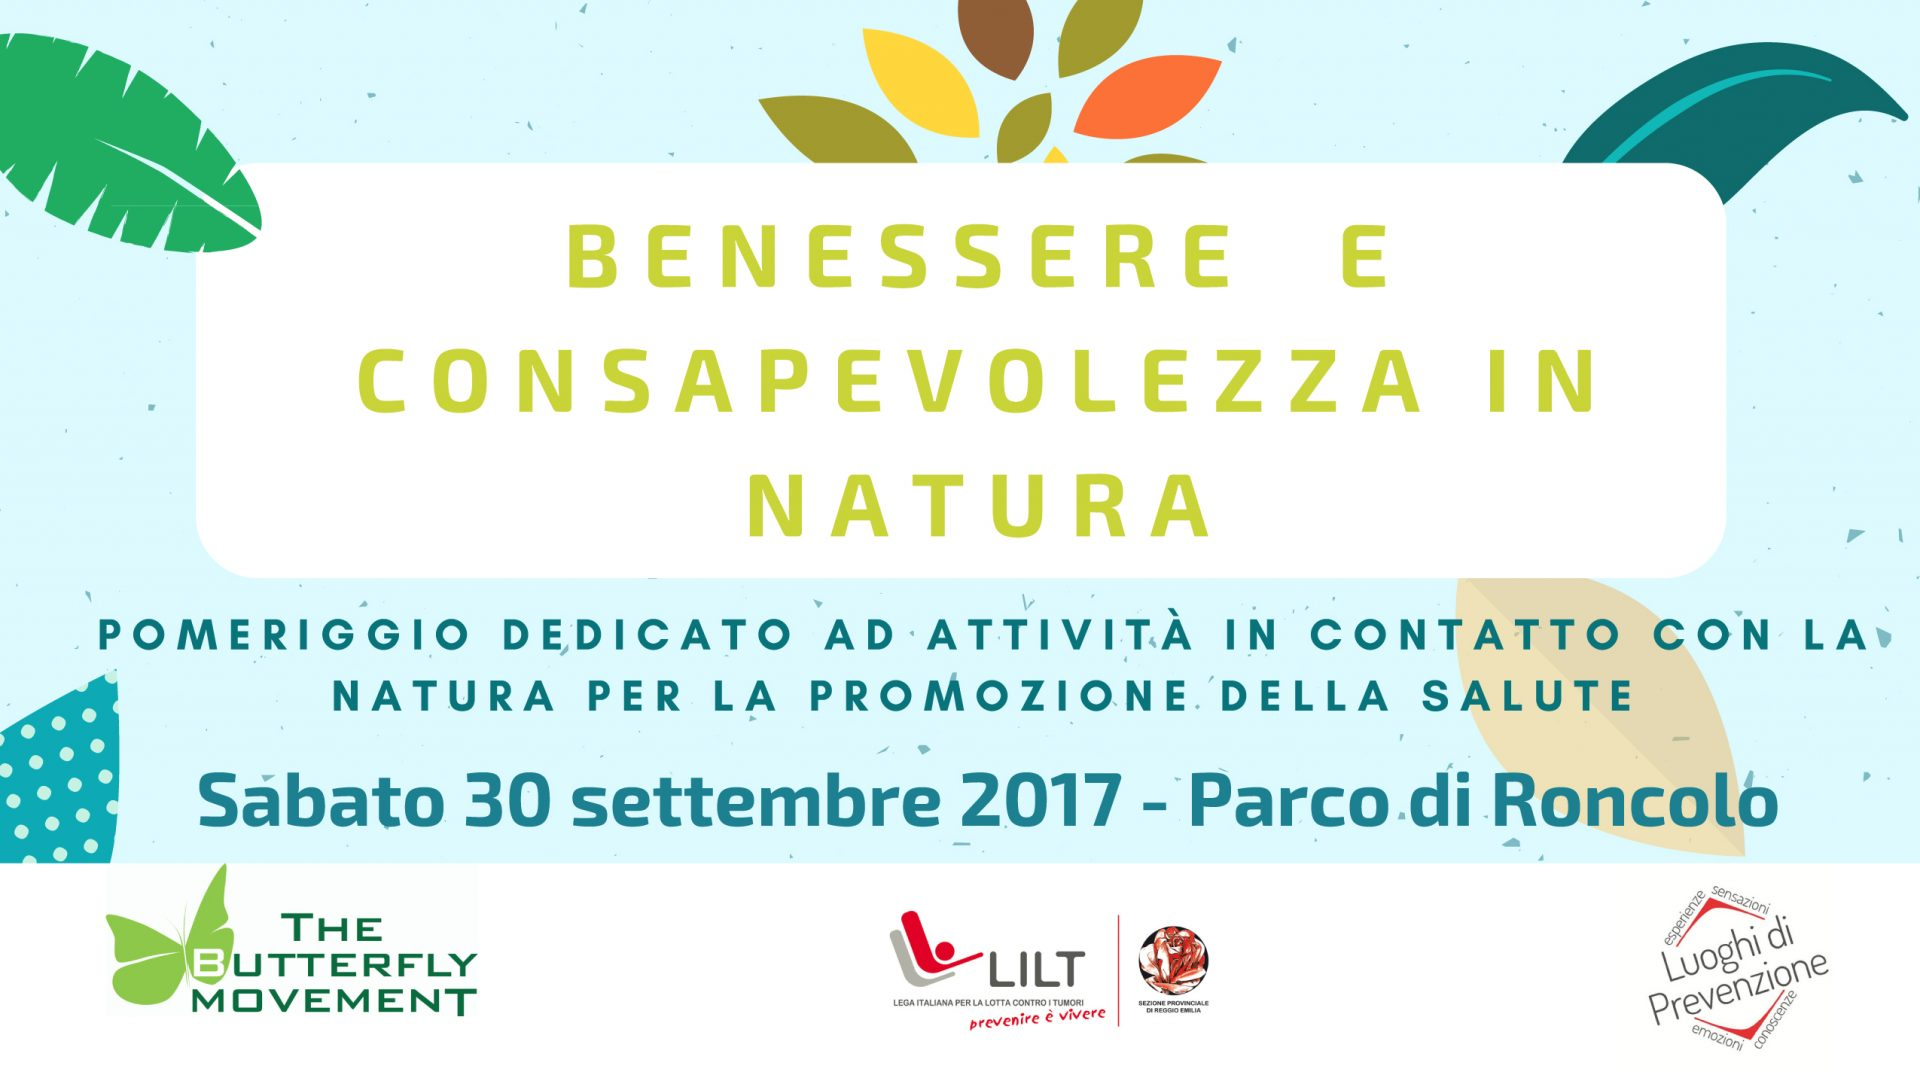 30 Settembre 2017 – Benessere e consapevolezza in Natura – Parco di Roncolo (RE)